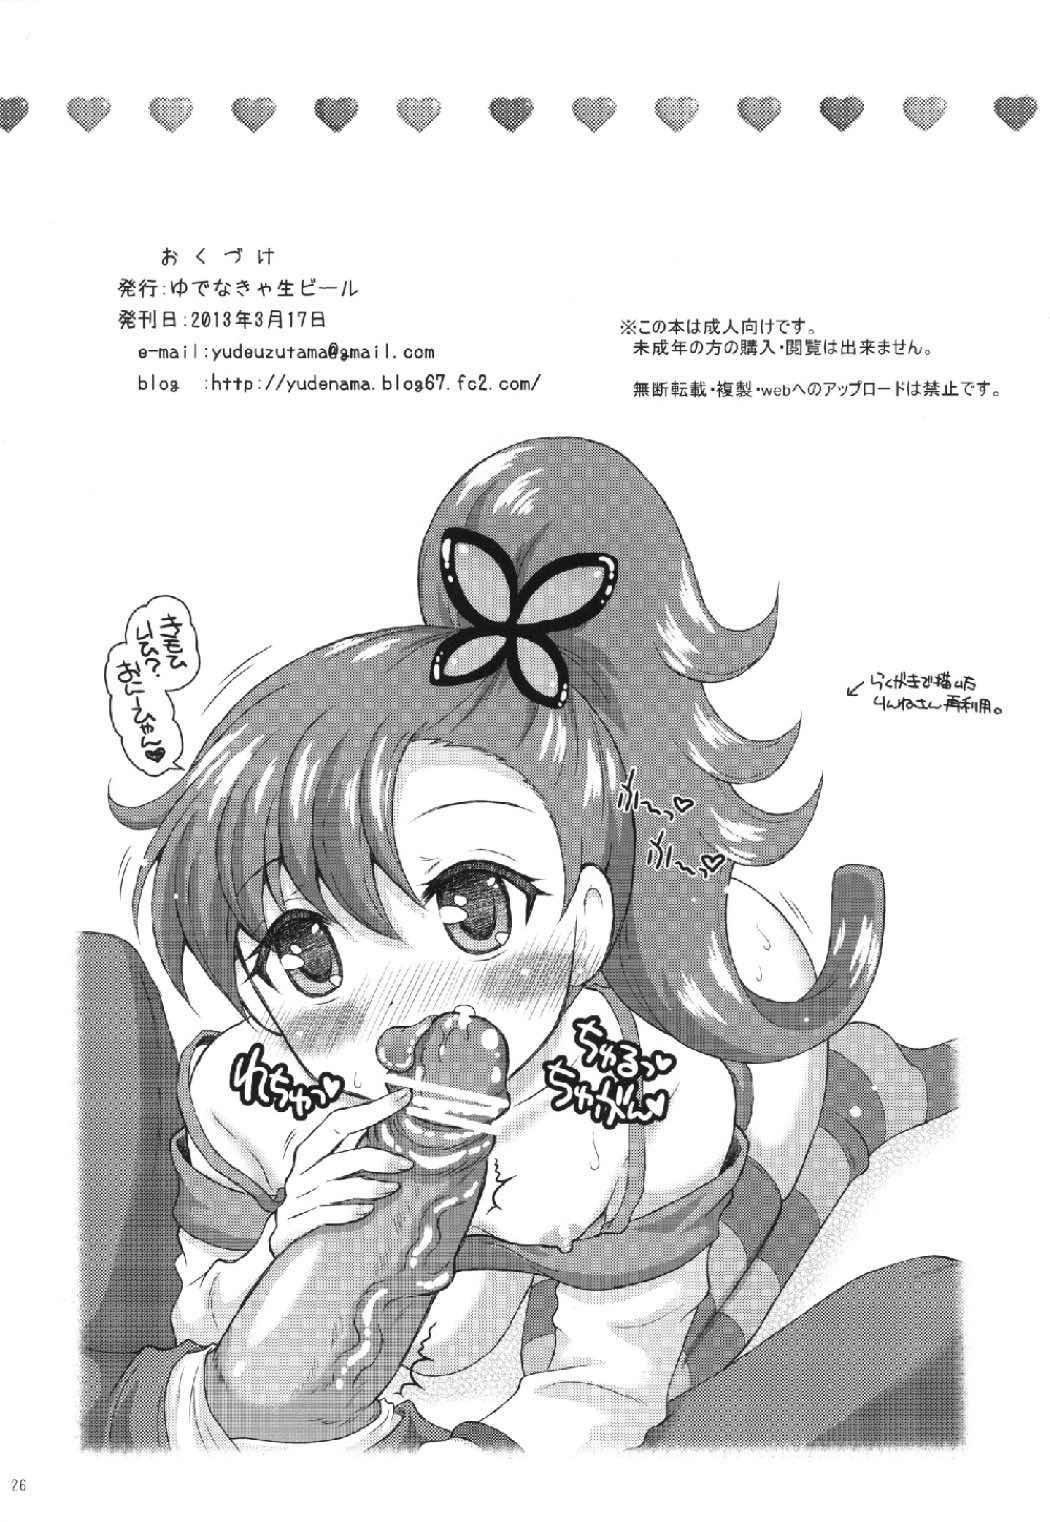 (SHT2013 Haru) [Yudenakya Nama-Beer (Uzura no Tamago)] Onii-chans to Aisare Rinne-chan (Chousoku Henkei Gyrozetter) 25